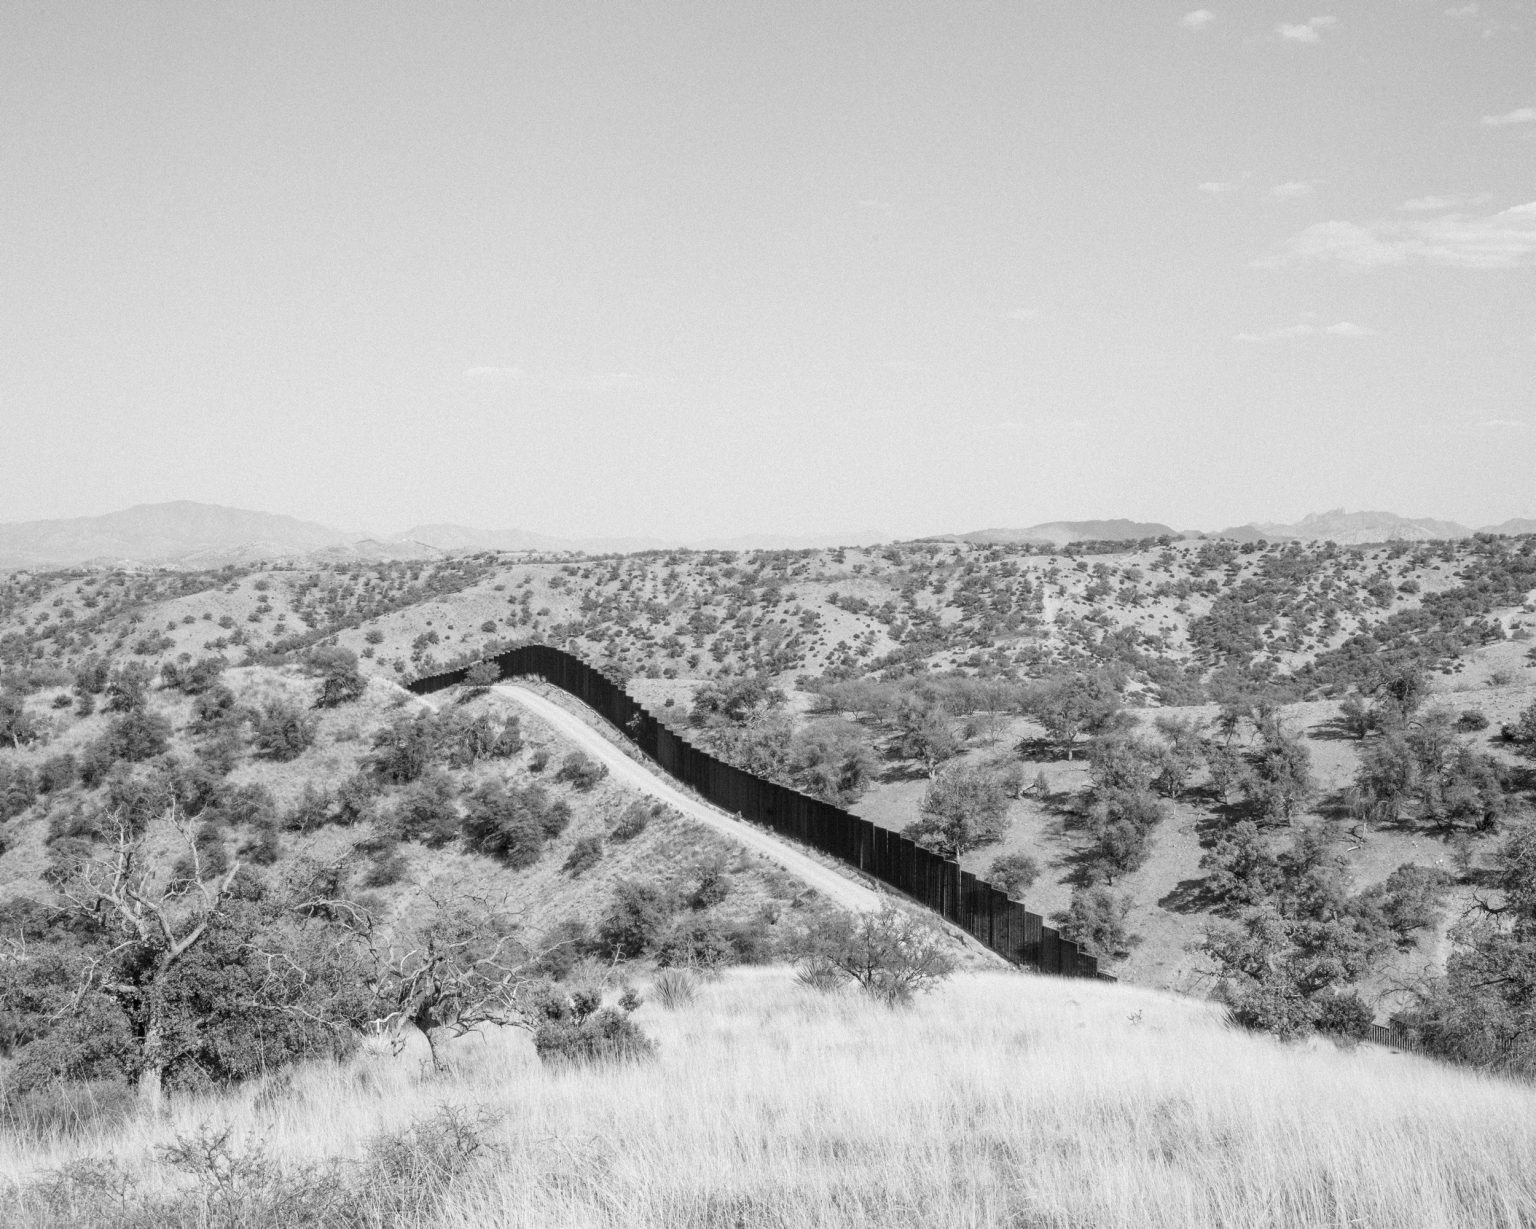 The wall dividing the US and Mexico near Nogales.  Arizona.  May, 2017.